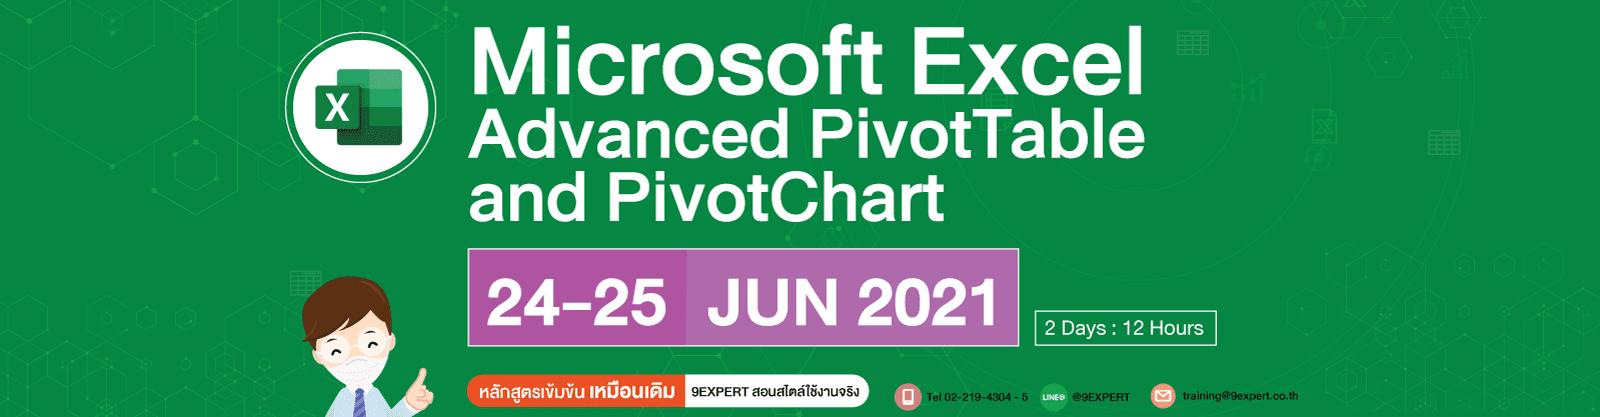 หลักสูตร Microsoft Excel Advanced PivotTable and PivotChart (2days) 24-25 มิถุนายน 2564